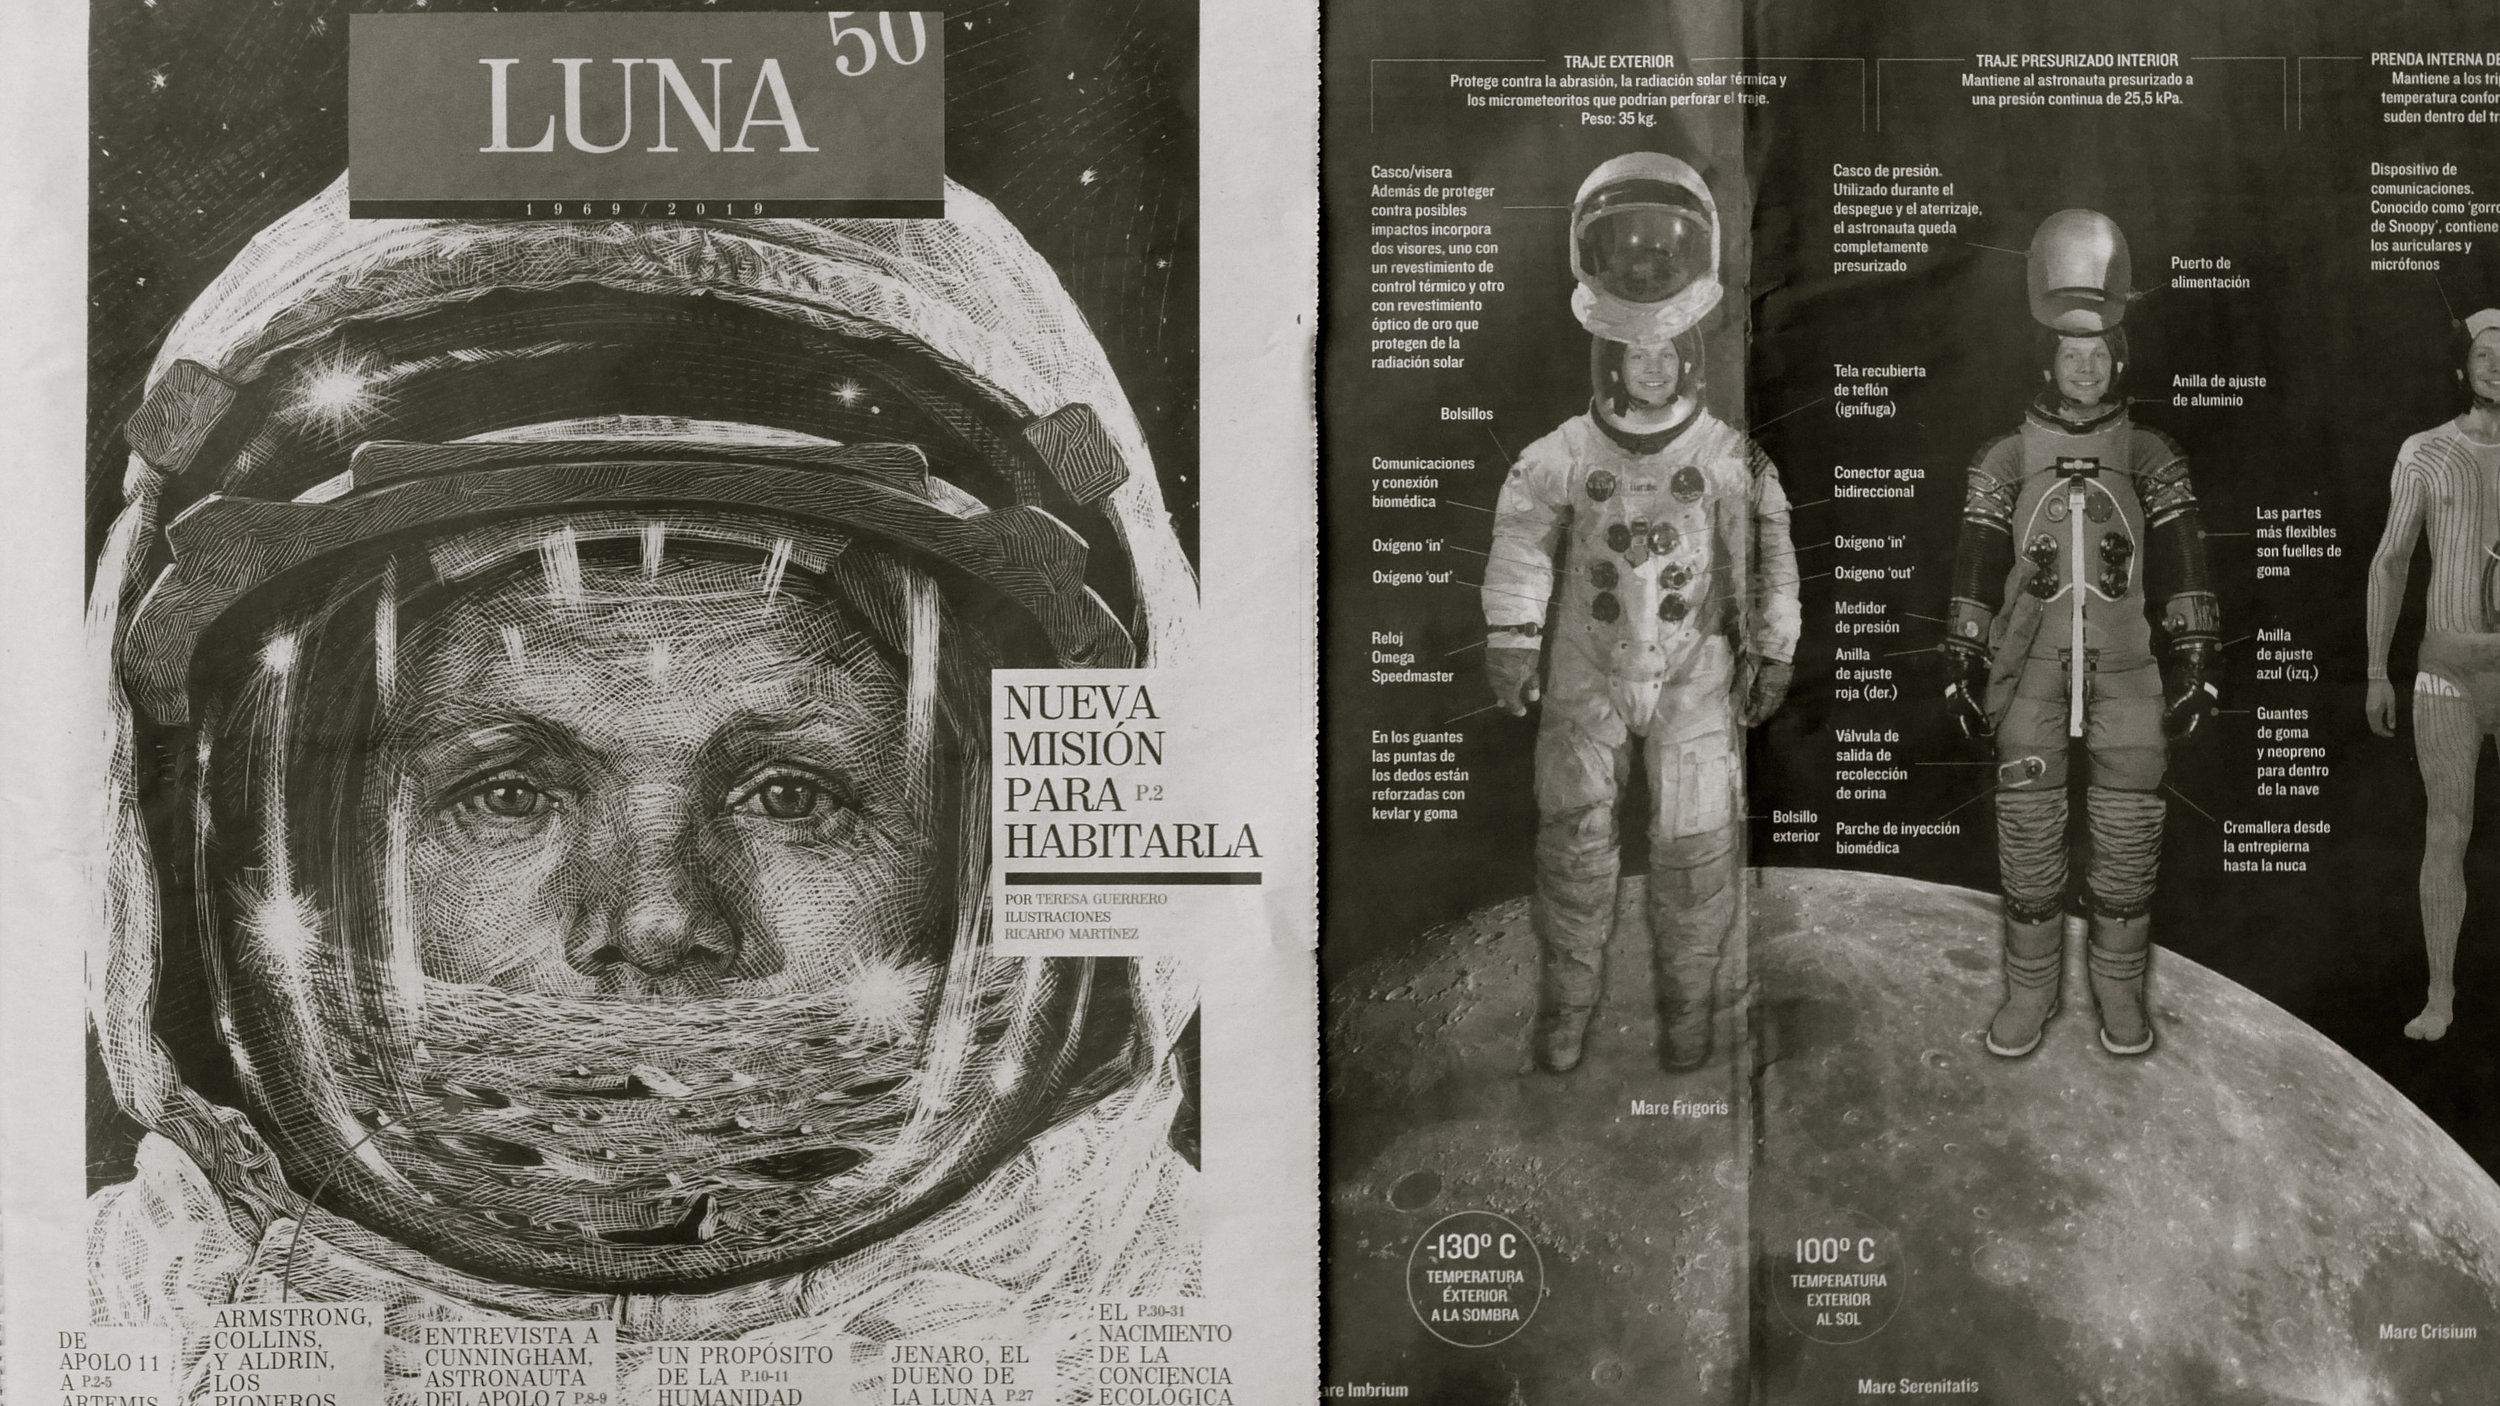 Luna 50 El Mundo - 1